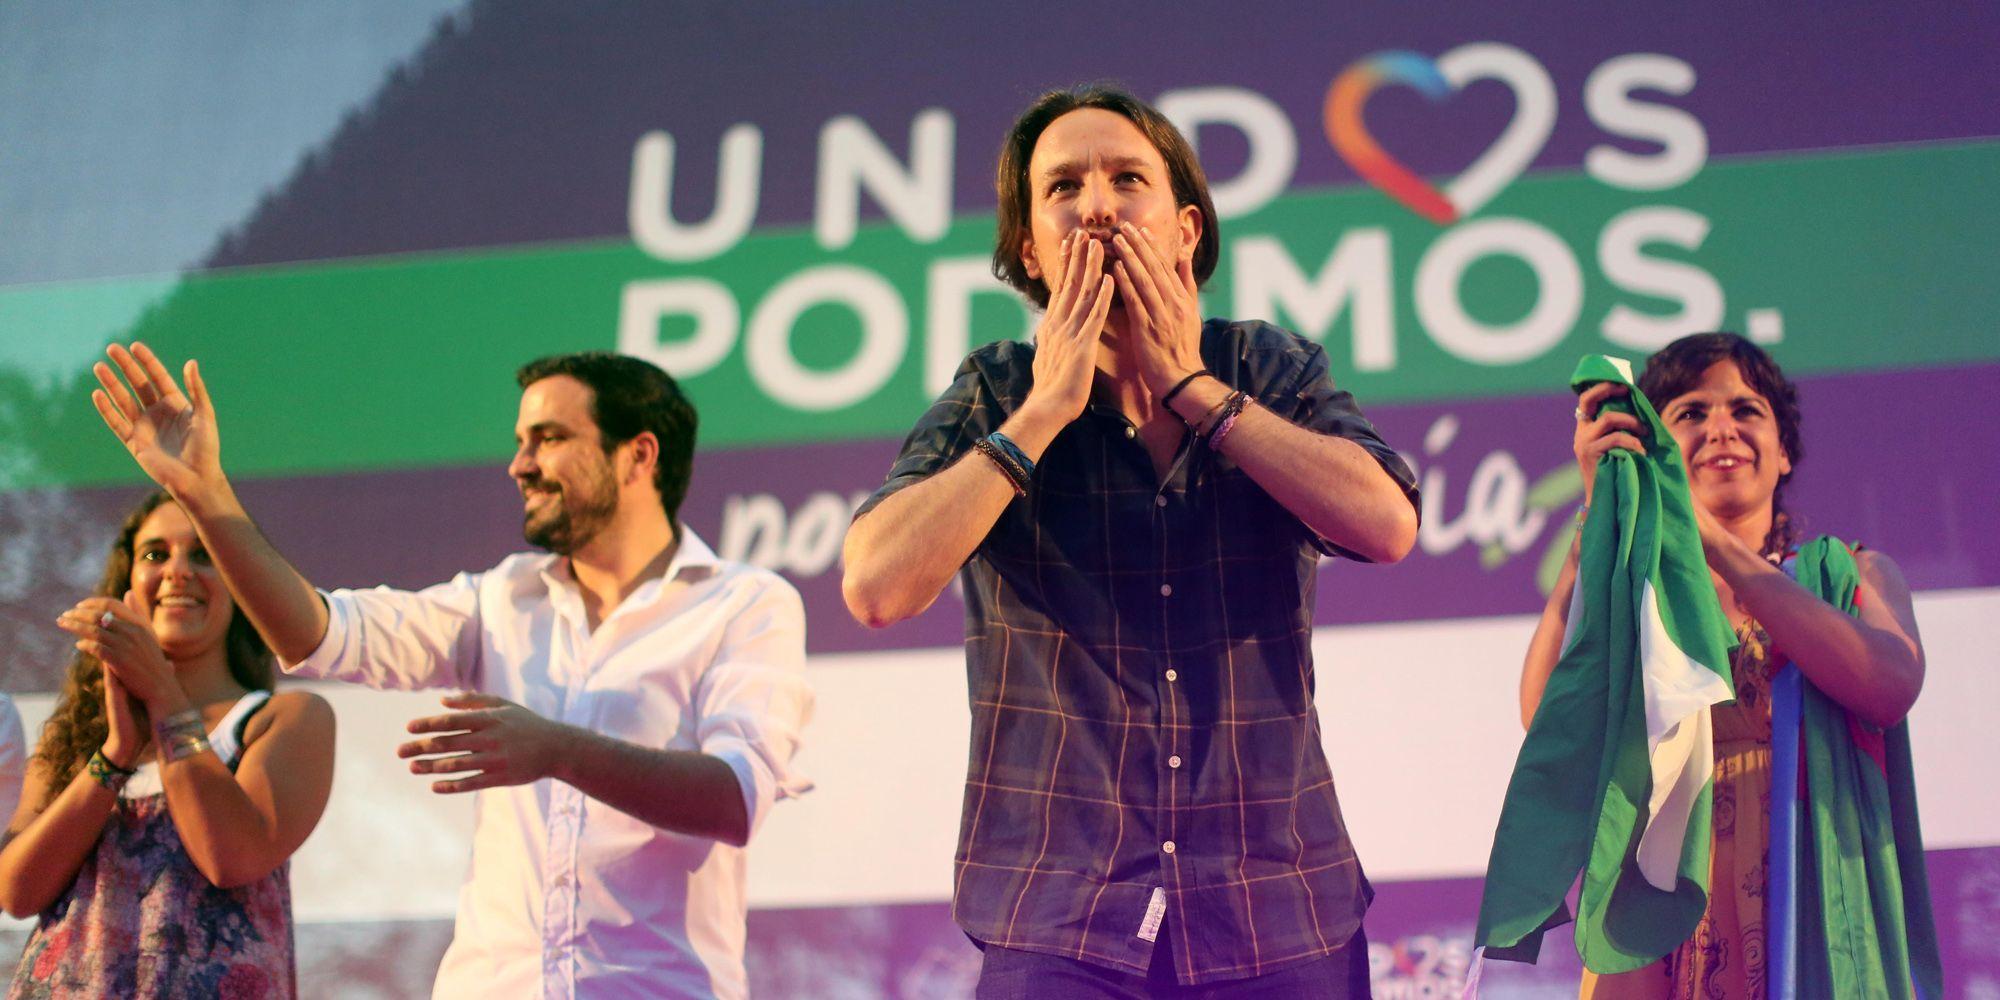 Pablo Iglesias lanza un beso a los asistentes a su mitin de Unidos Podemos en la Alameda Vieja de Jerez de la Frontera |23 jun 2016 | Juan Carlos Corchado para MIRA Jerez